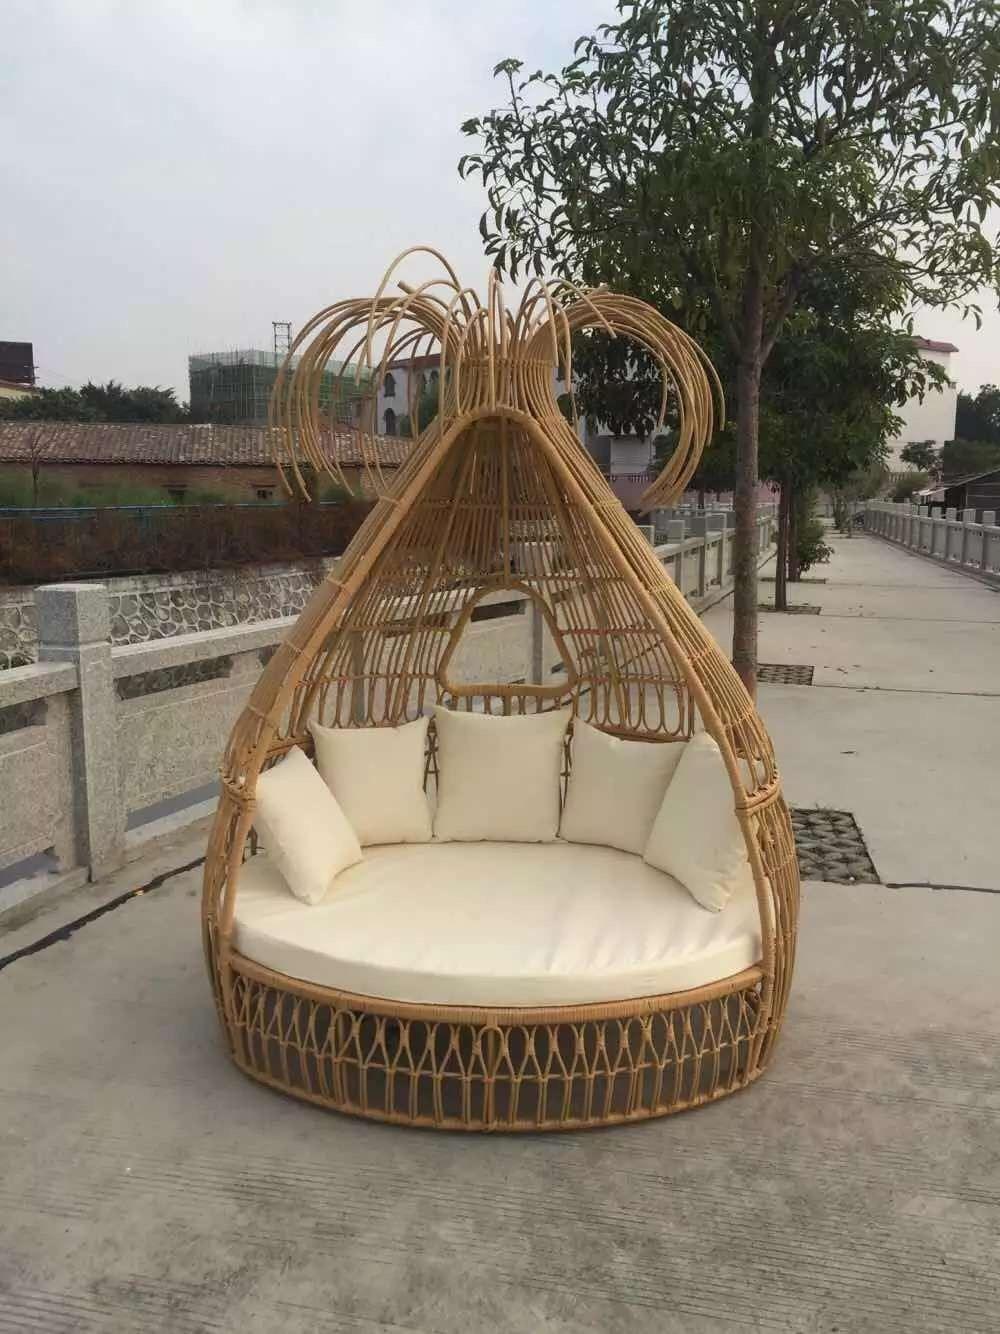 11 Outdoor Garden Furniture New Design Poolside Sunbed Big Round Rattan  Sofa Bed - Buy New Model Sofa Bed,Poolside Sunbed,Garden Sunbed Product on